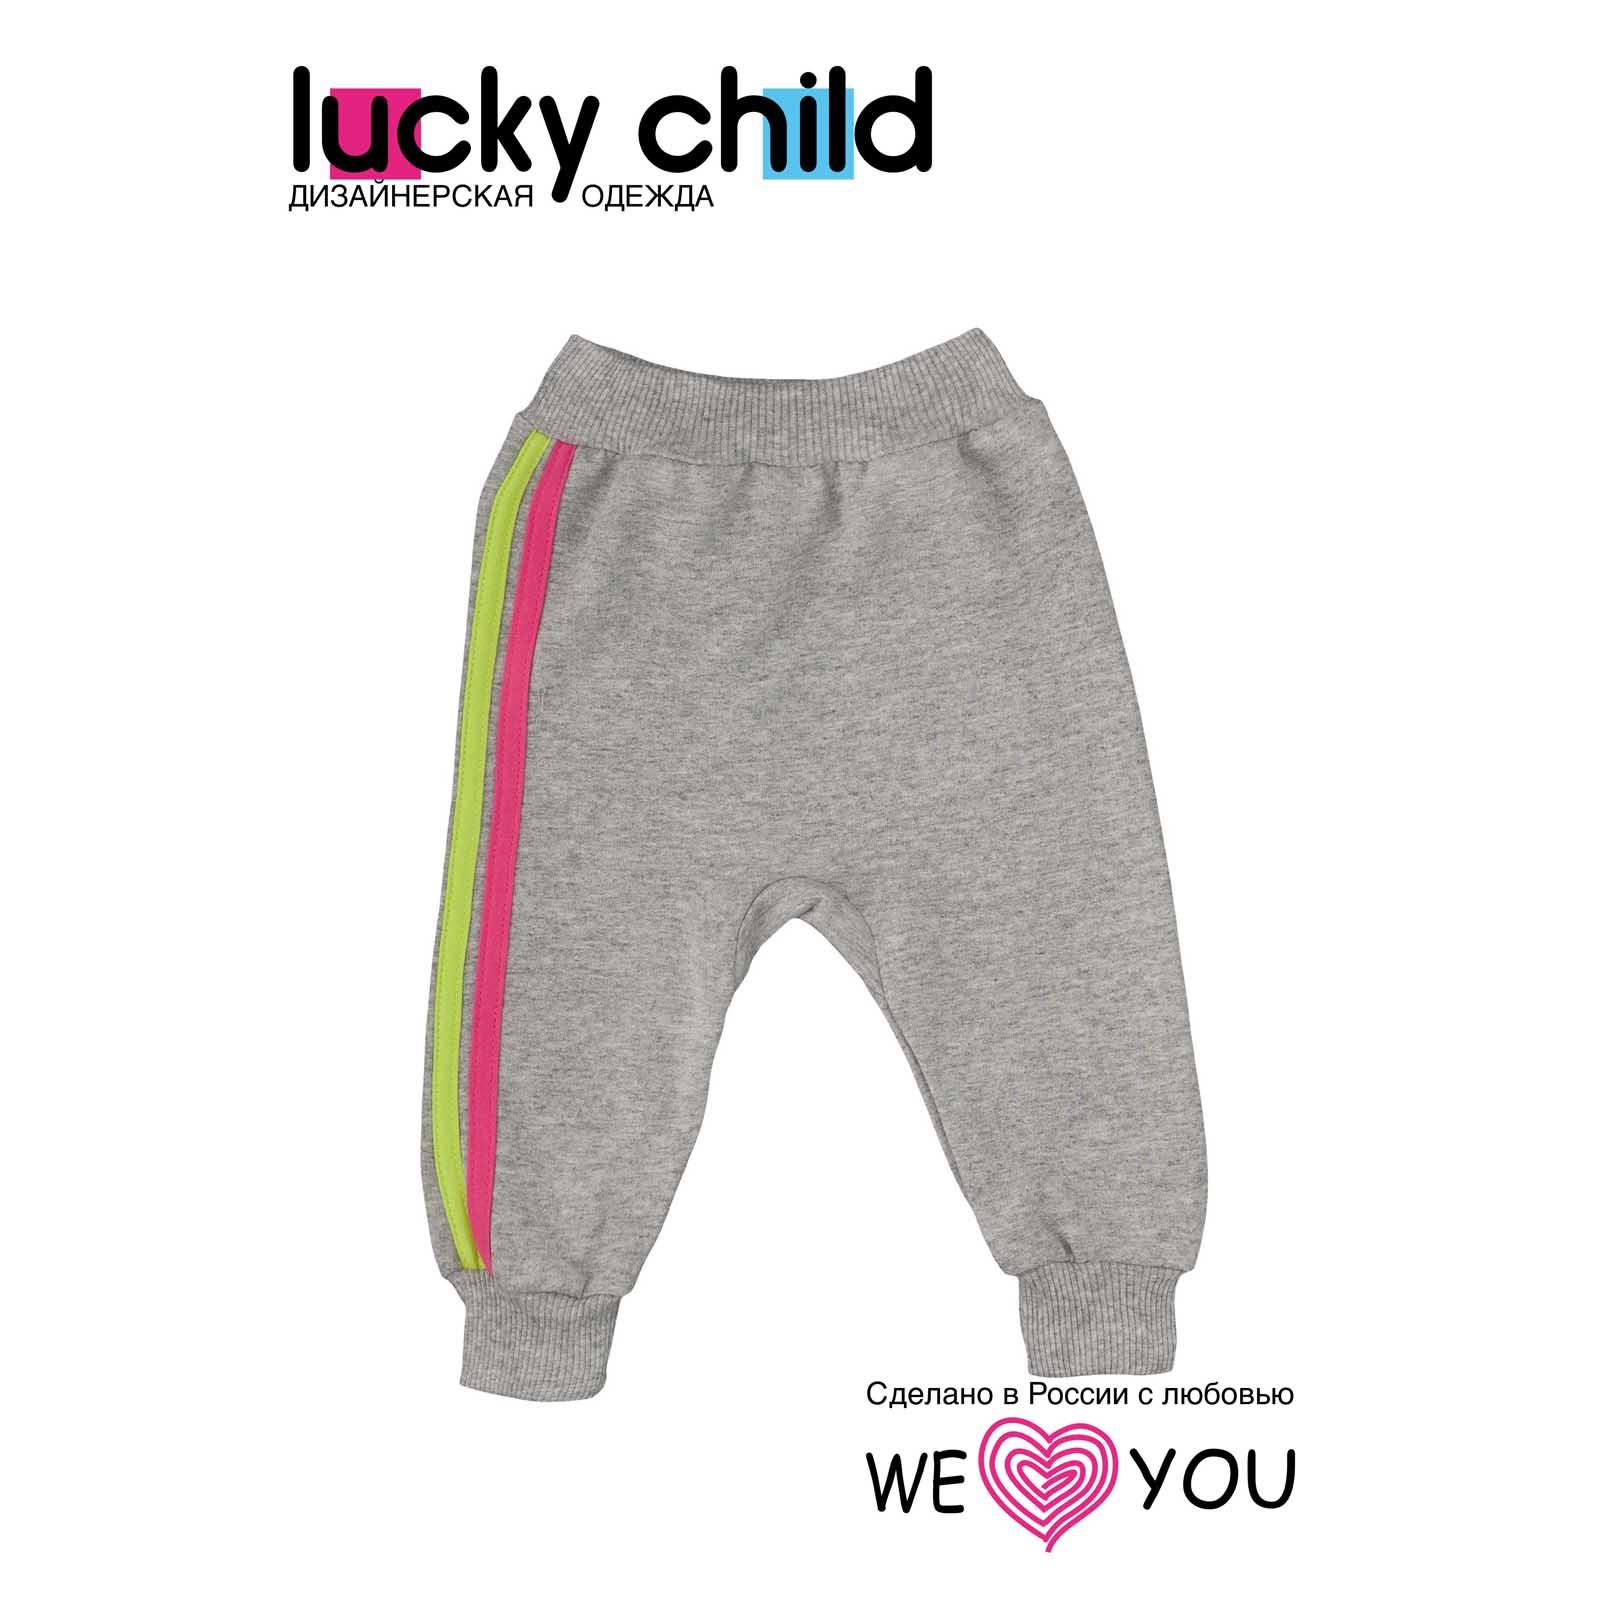 Штанишки Lucky Child, коллекция Спортивная линия, для девочки размер 80<br>